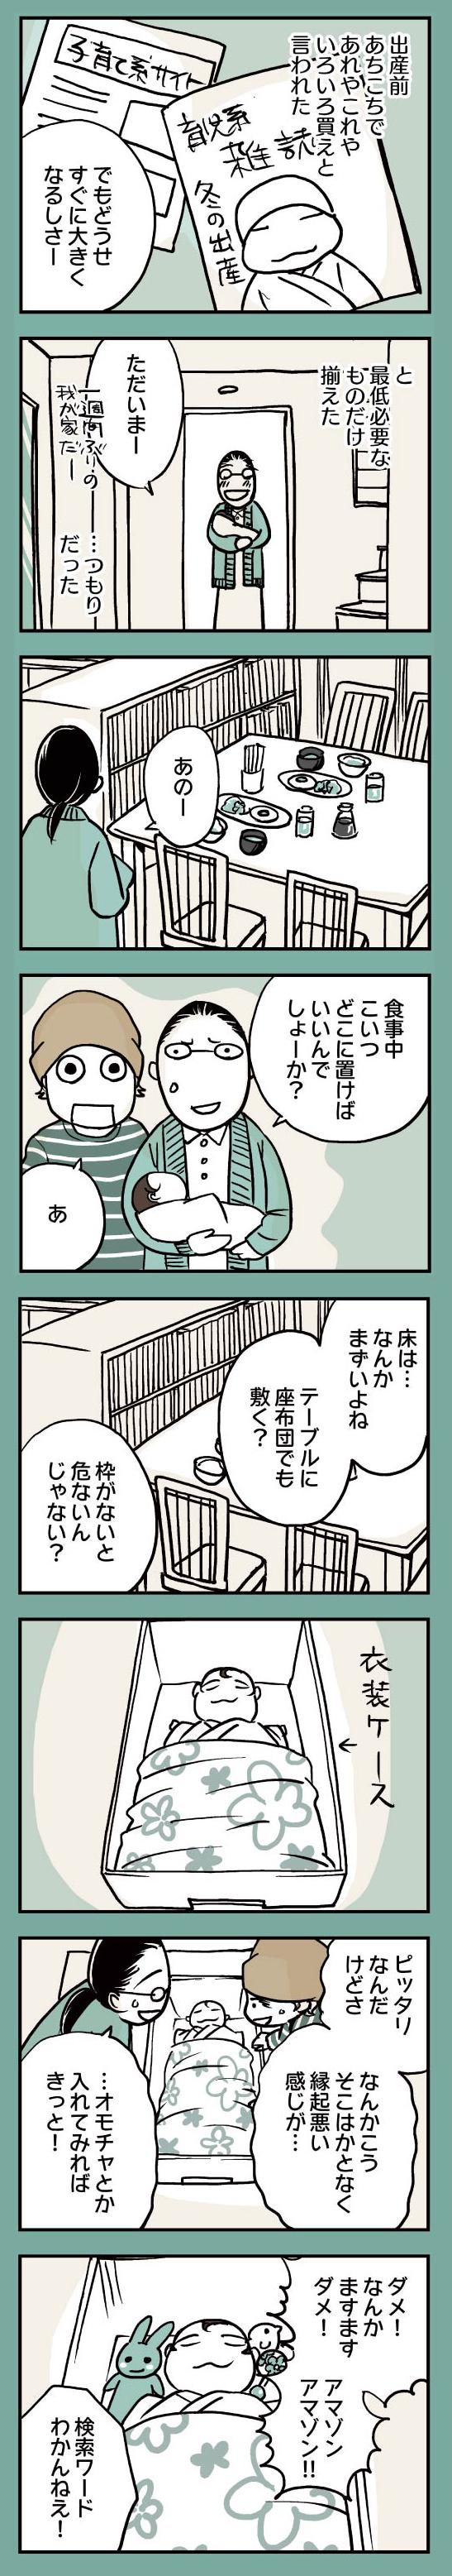 reニブンノイクジ_04